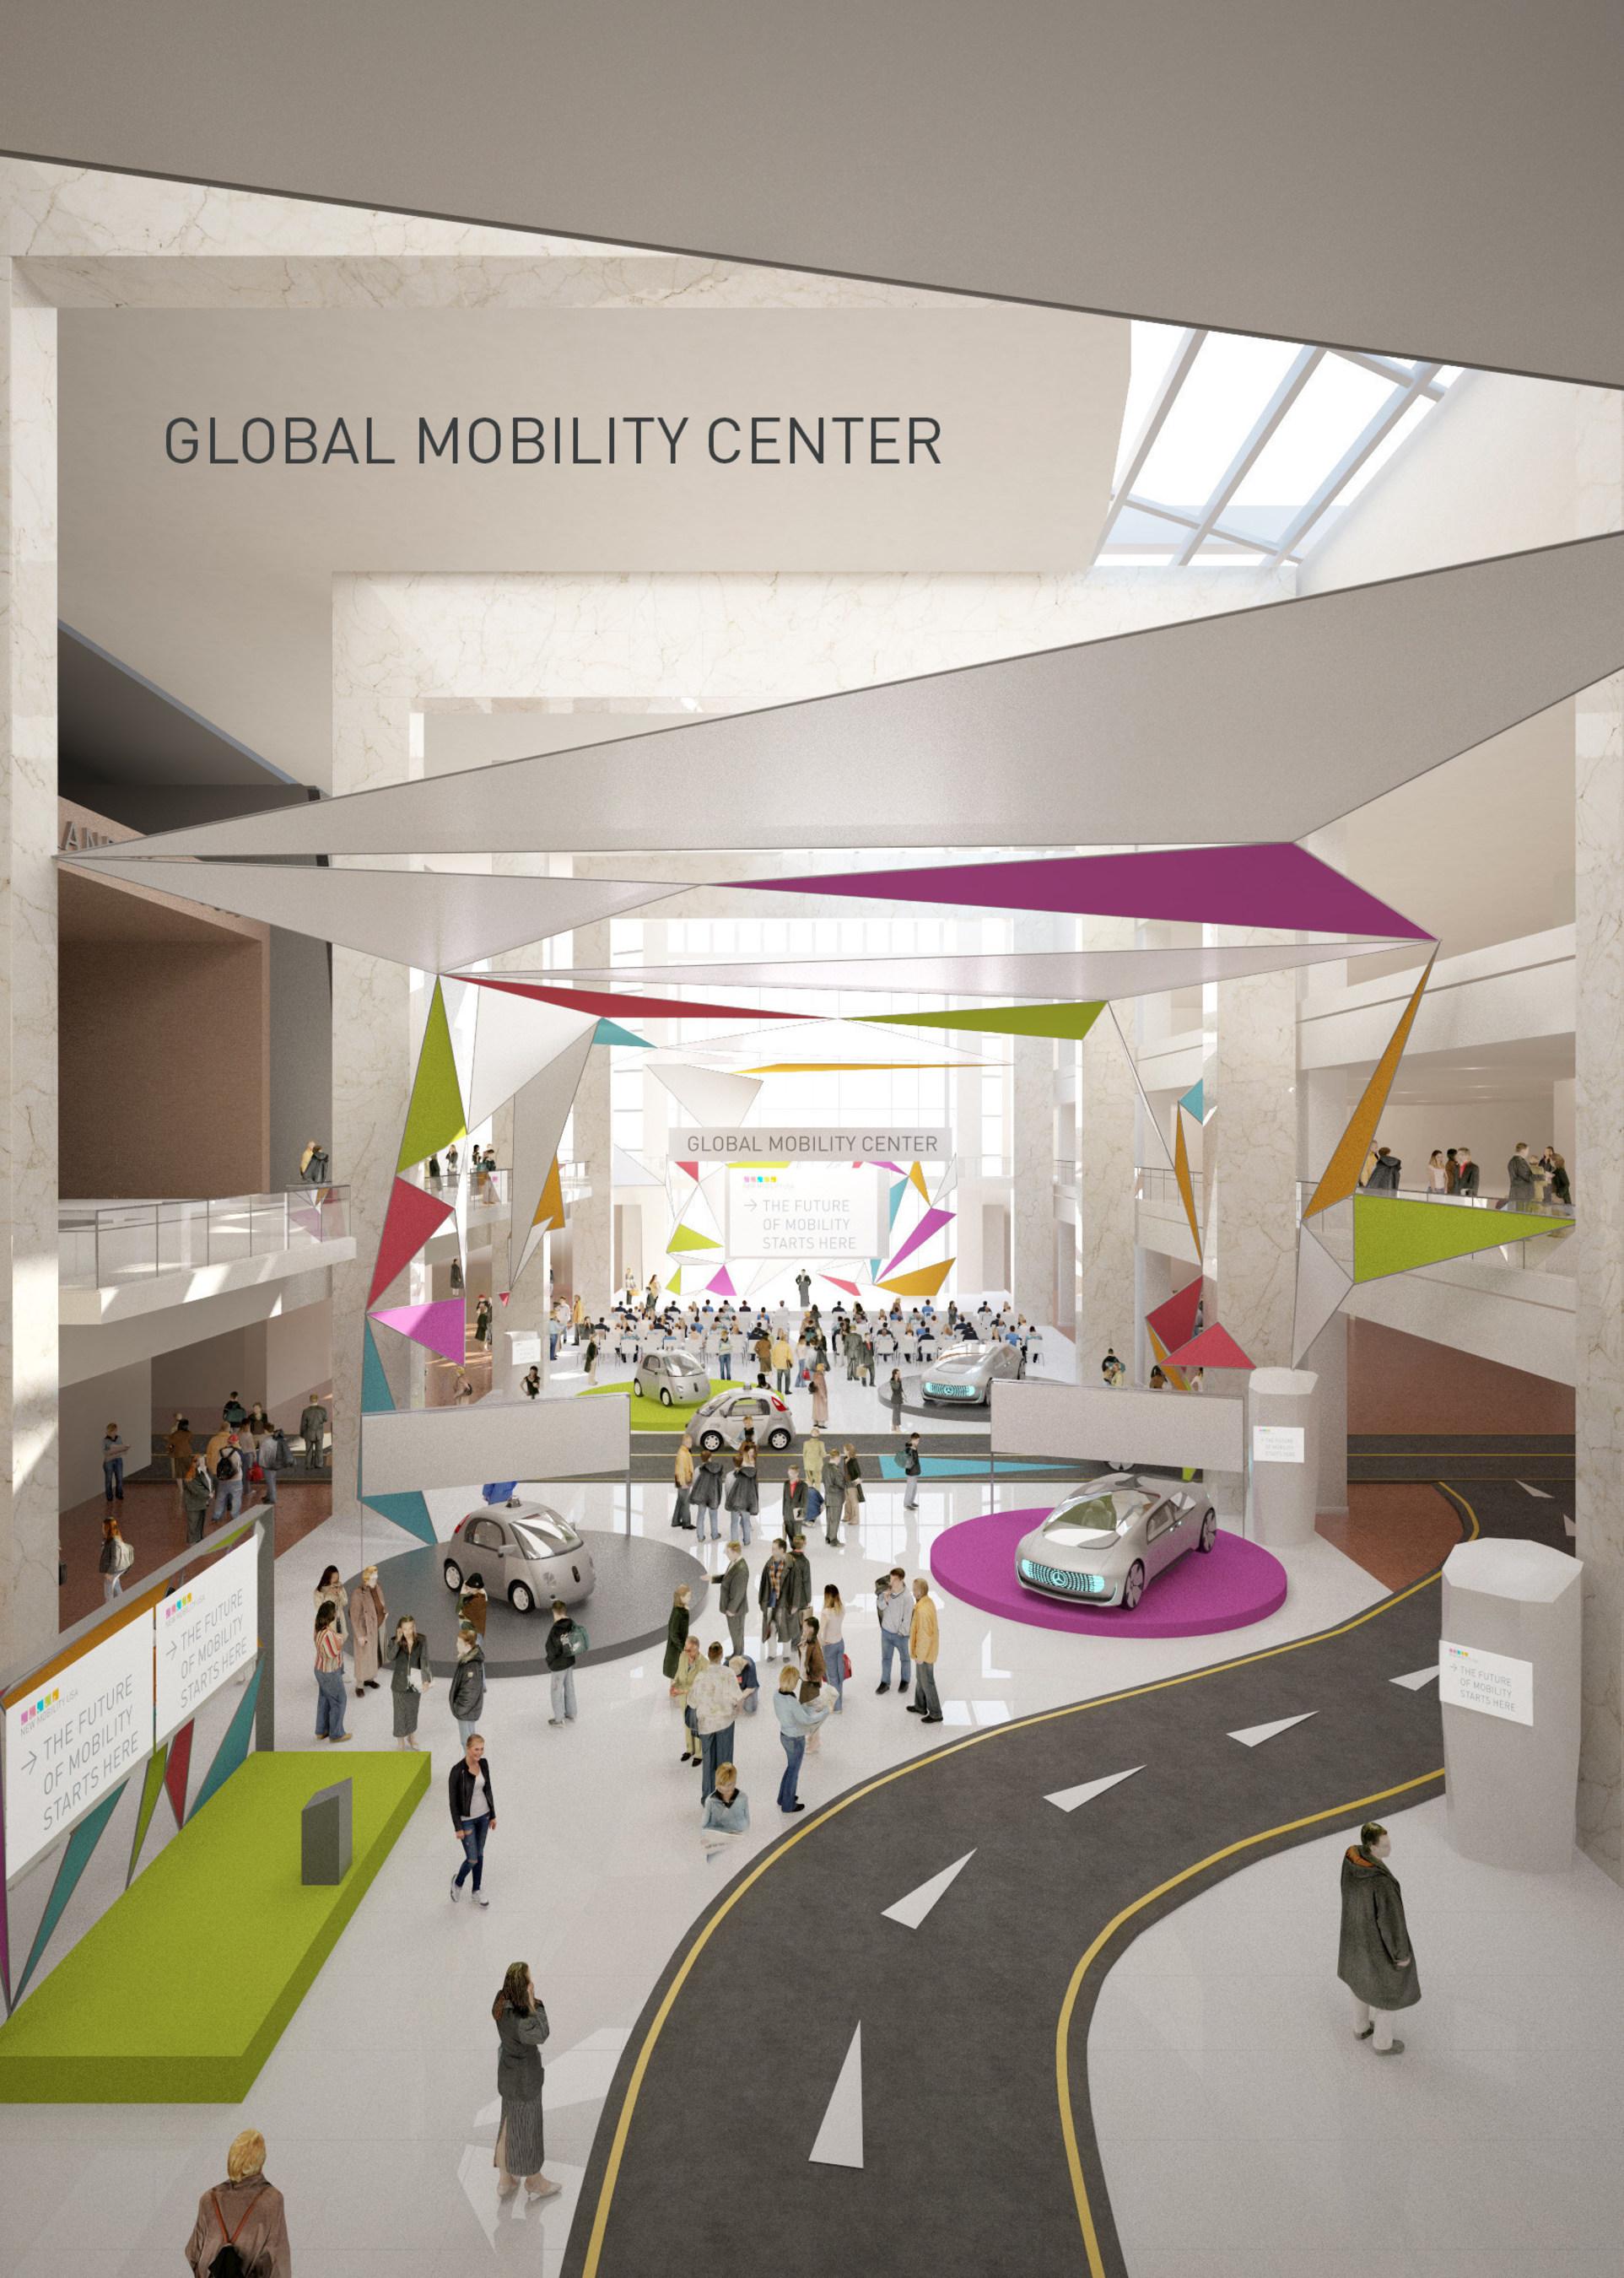 AutoMobili-D rendering in Cobo Hall Atrium.